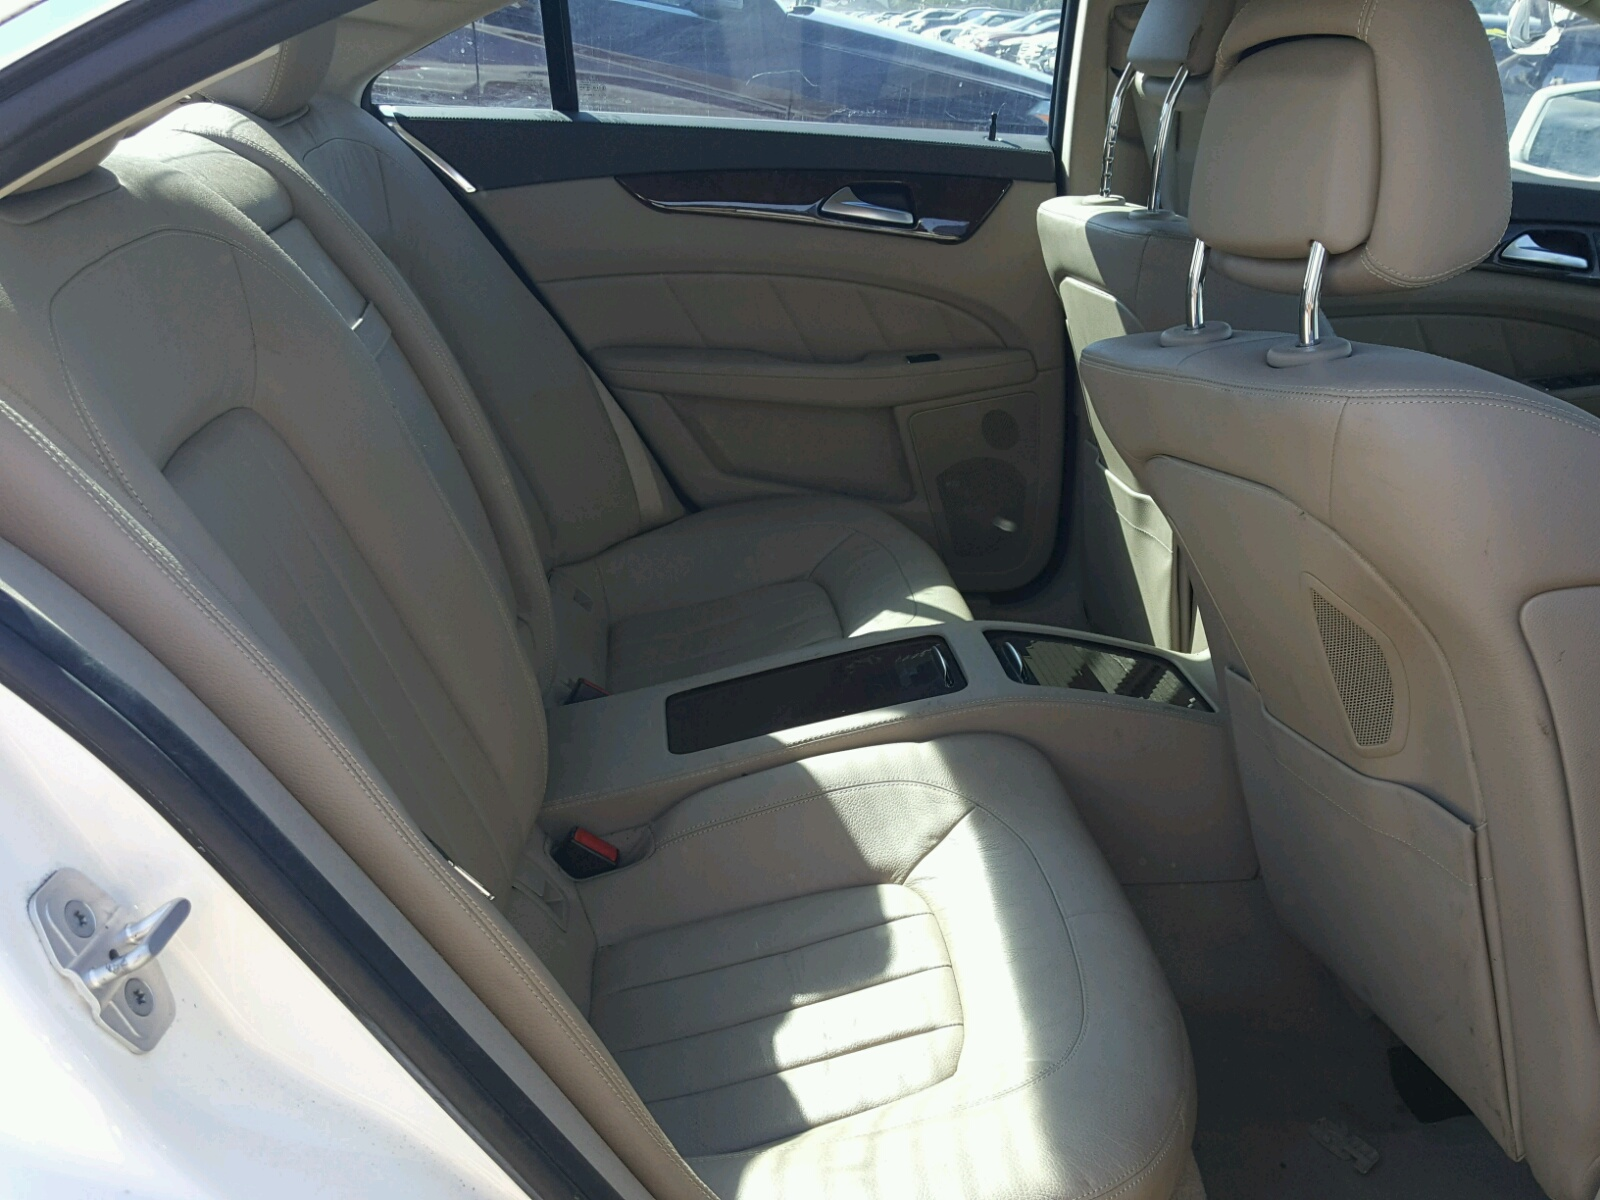 2012 Mercedes Benz CLS 550 4M в продаже Экономия на авто и боРее